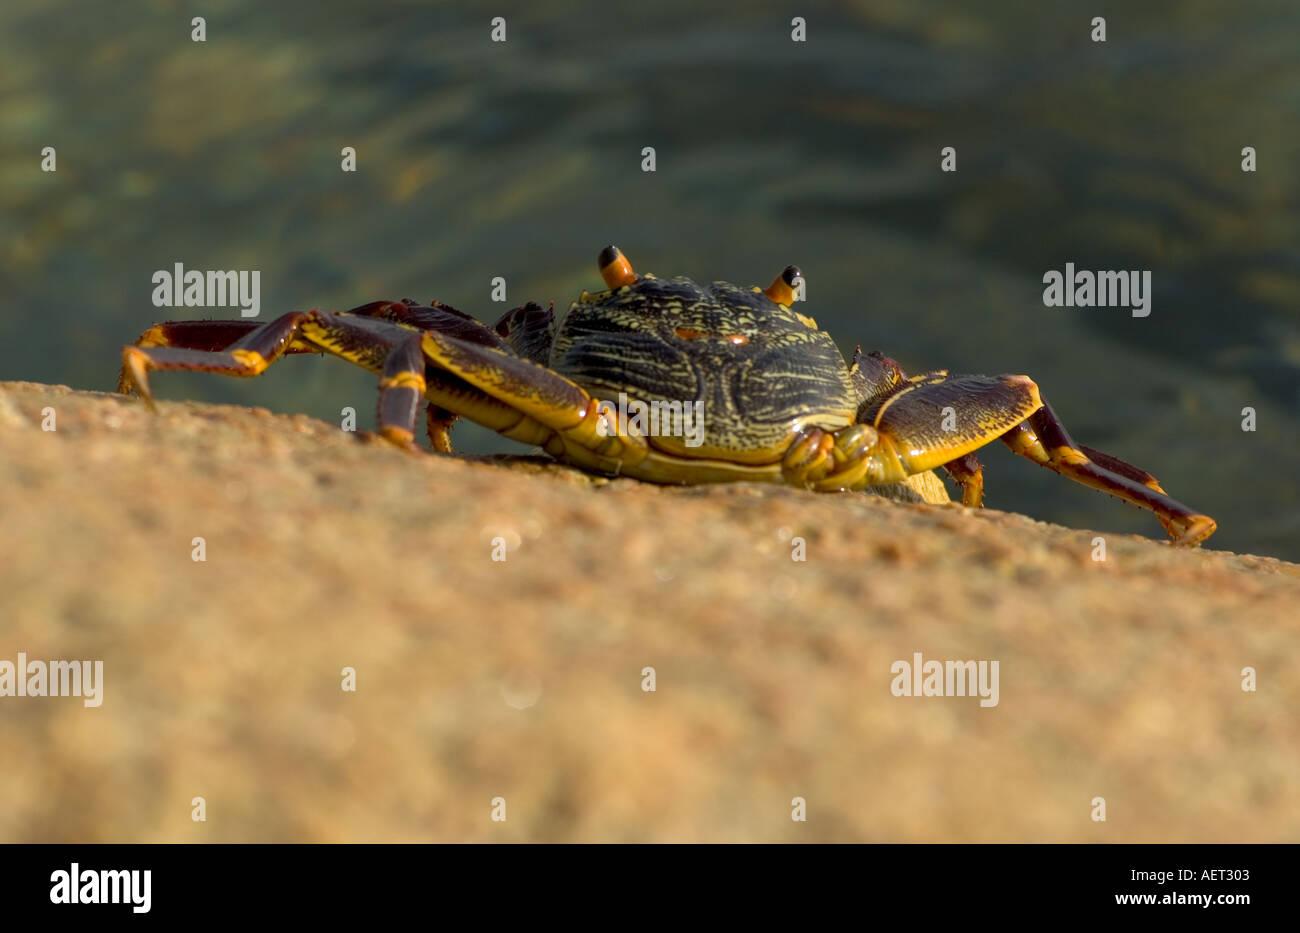 Israel Eilat totale einer Krabbe mit langen Beinen und großen Augen Stockbild